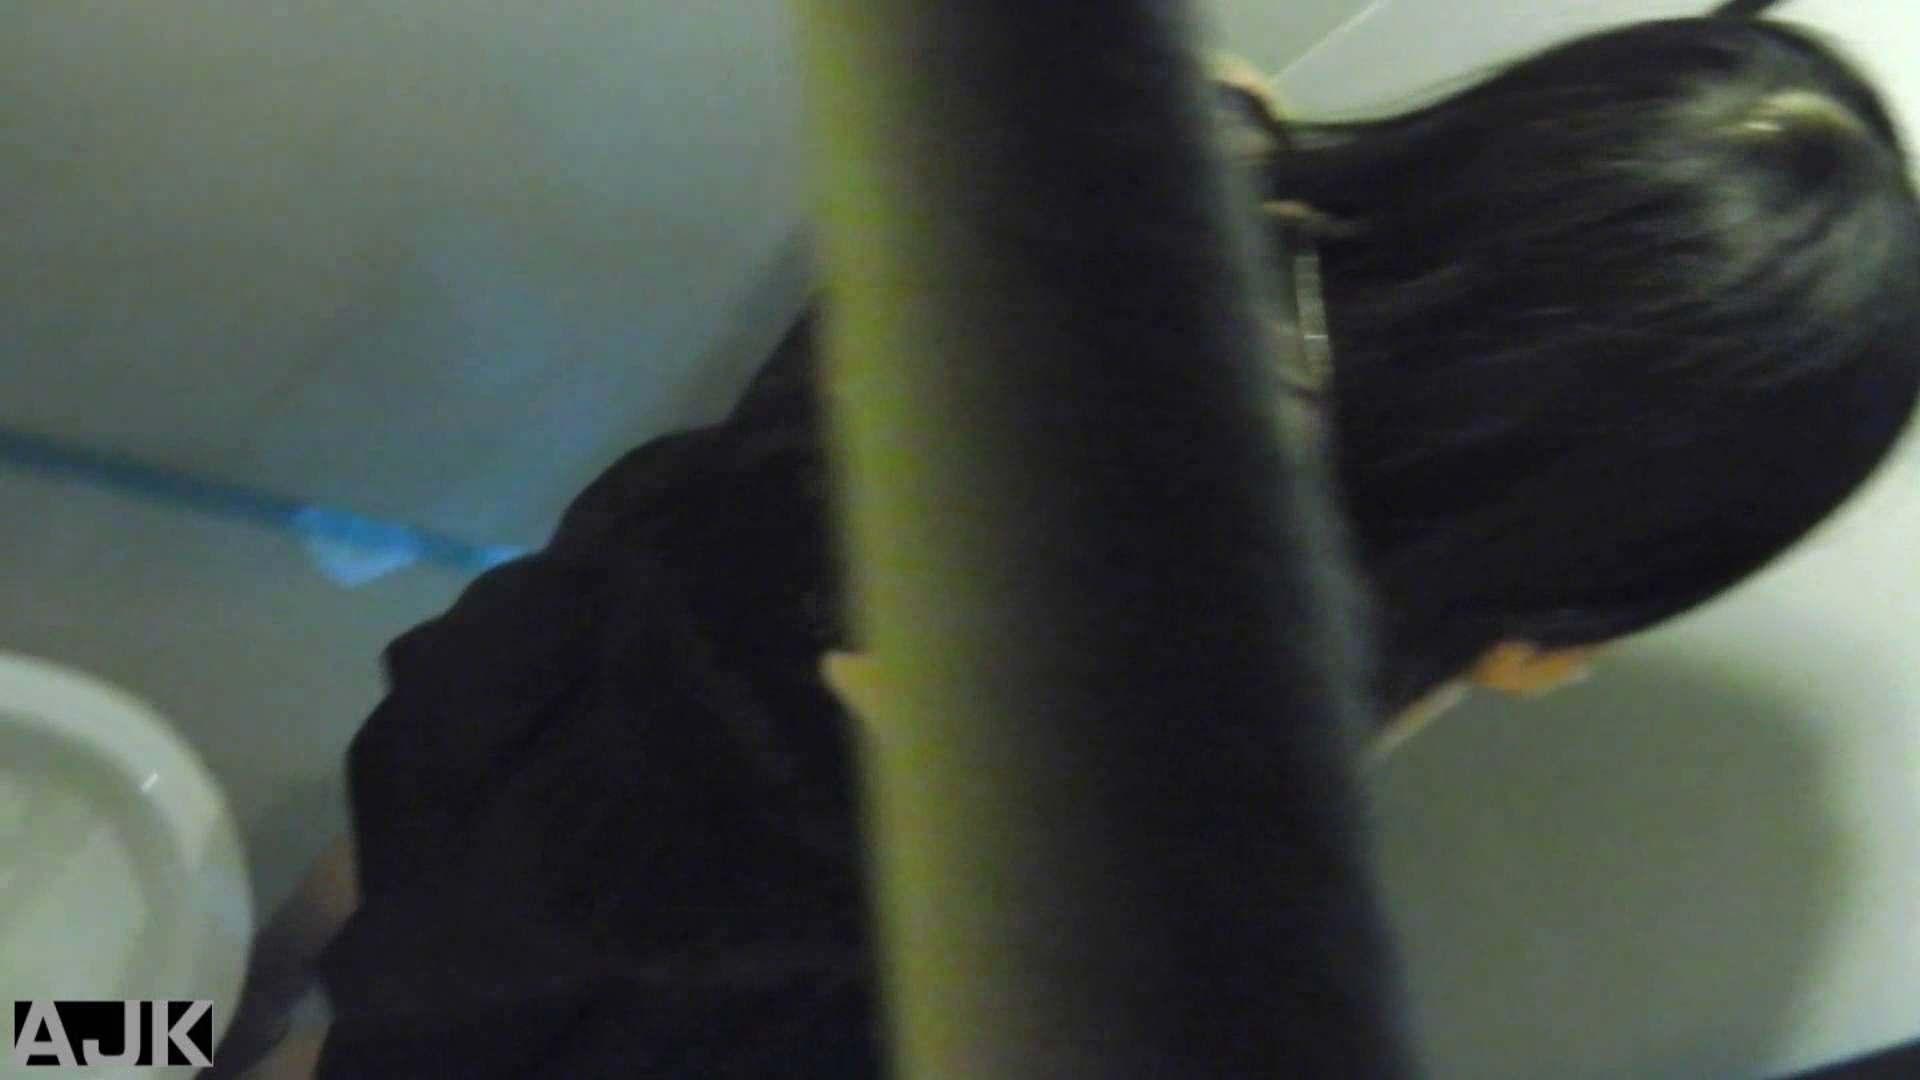 隣国上階級エリアの令嬢たちが集うデパートお手洗い Vol.25 お手洗いの中 オメコ動画キャプチャ 94枚 28